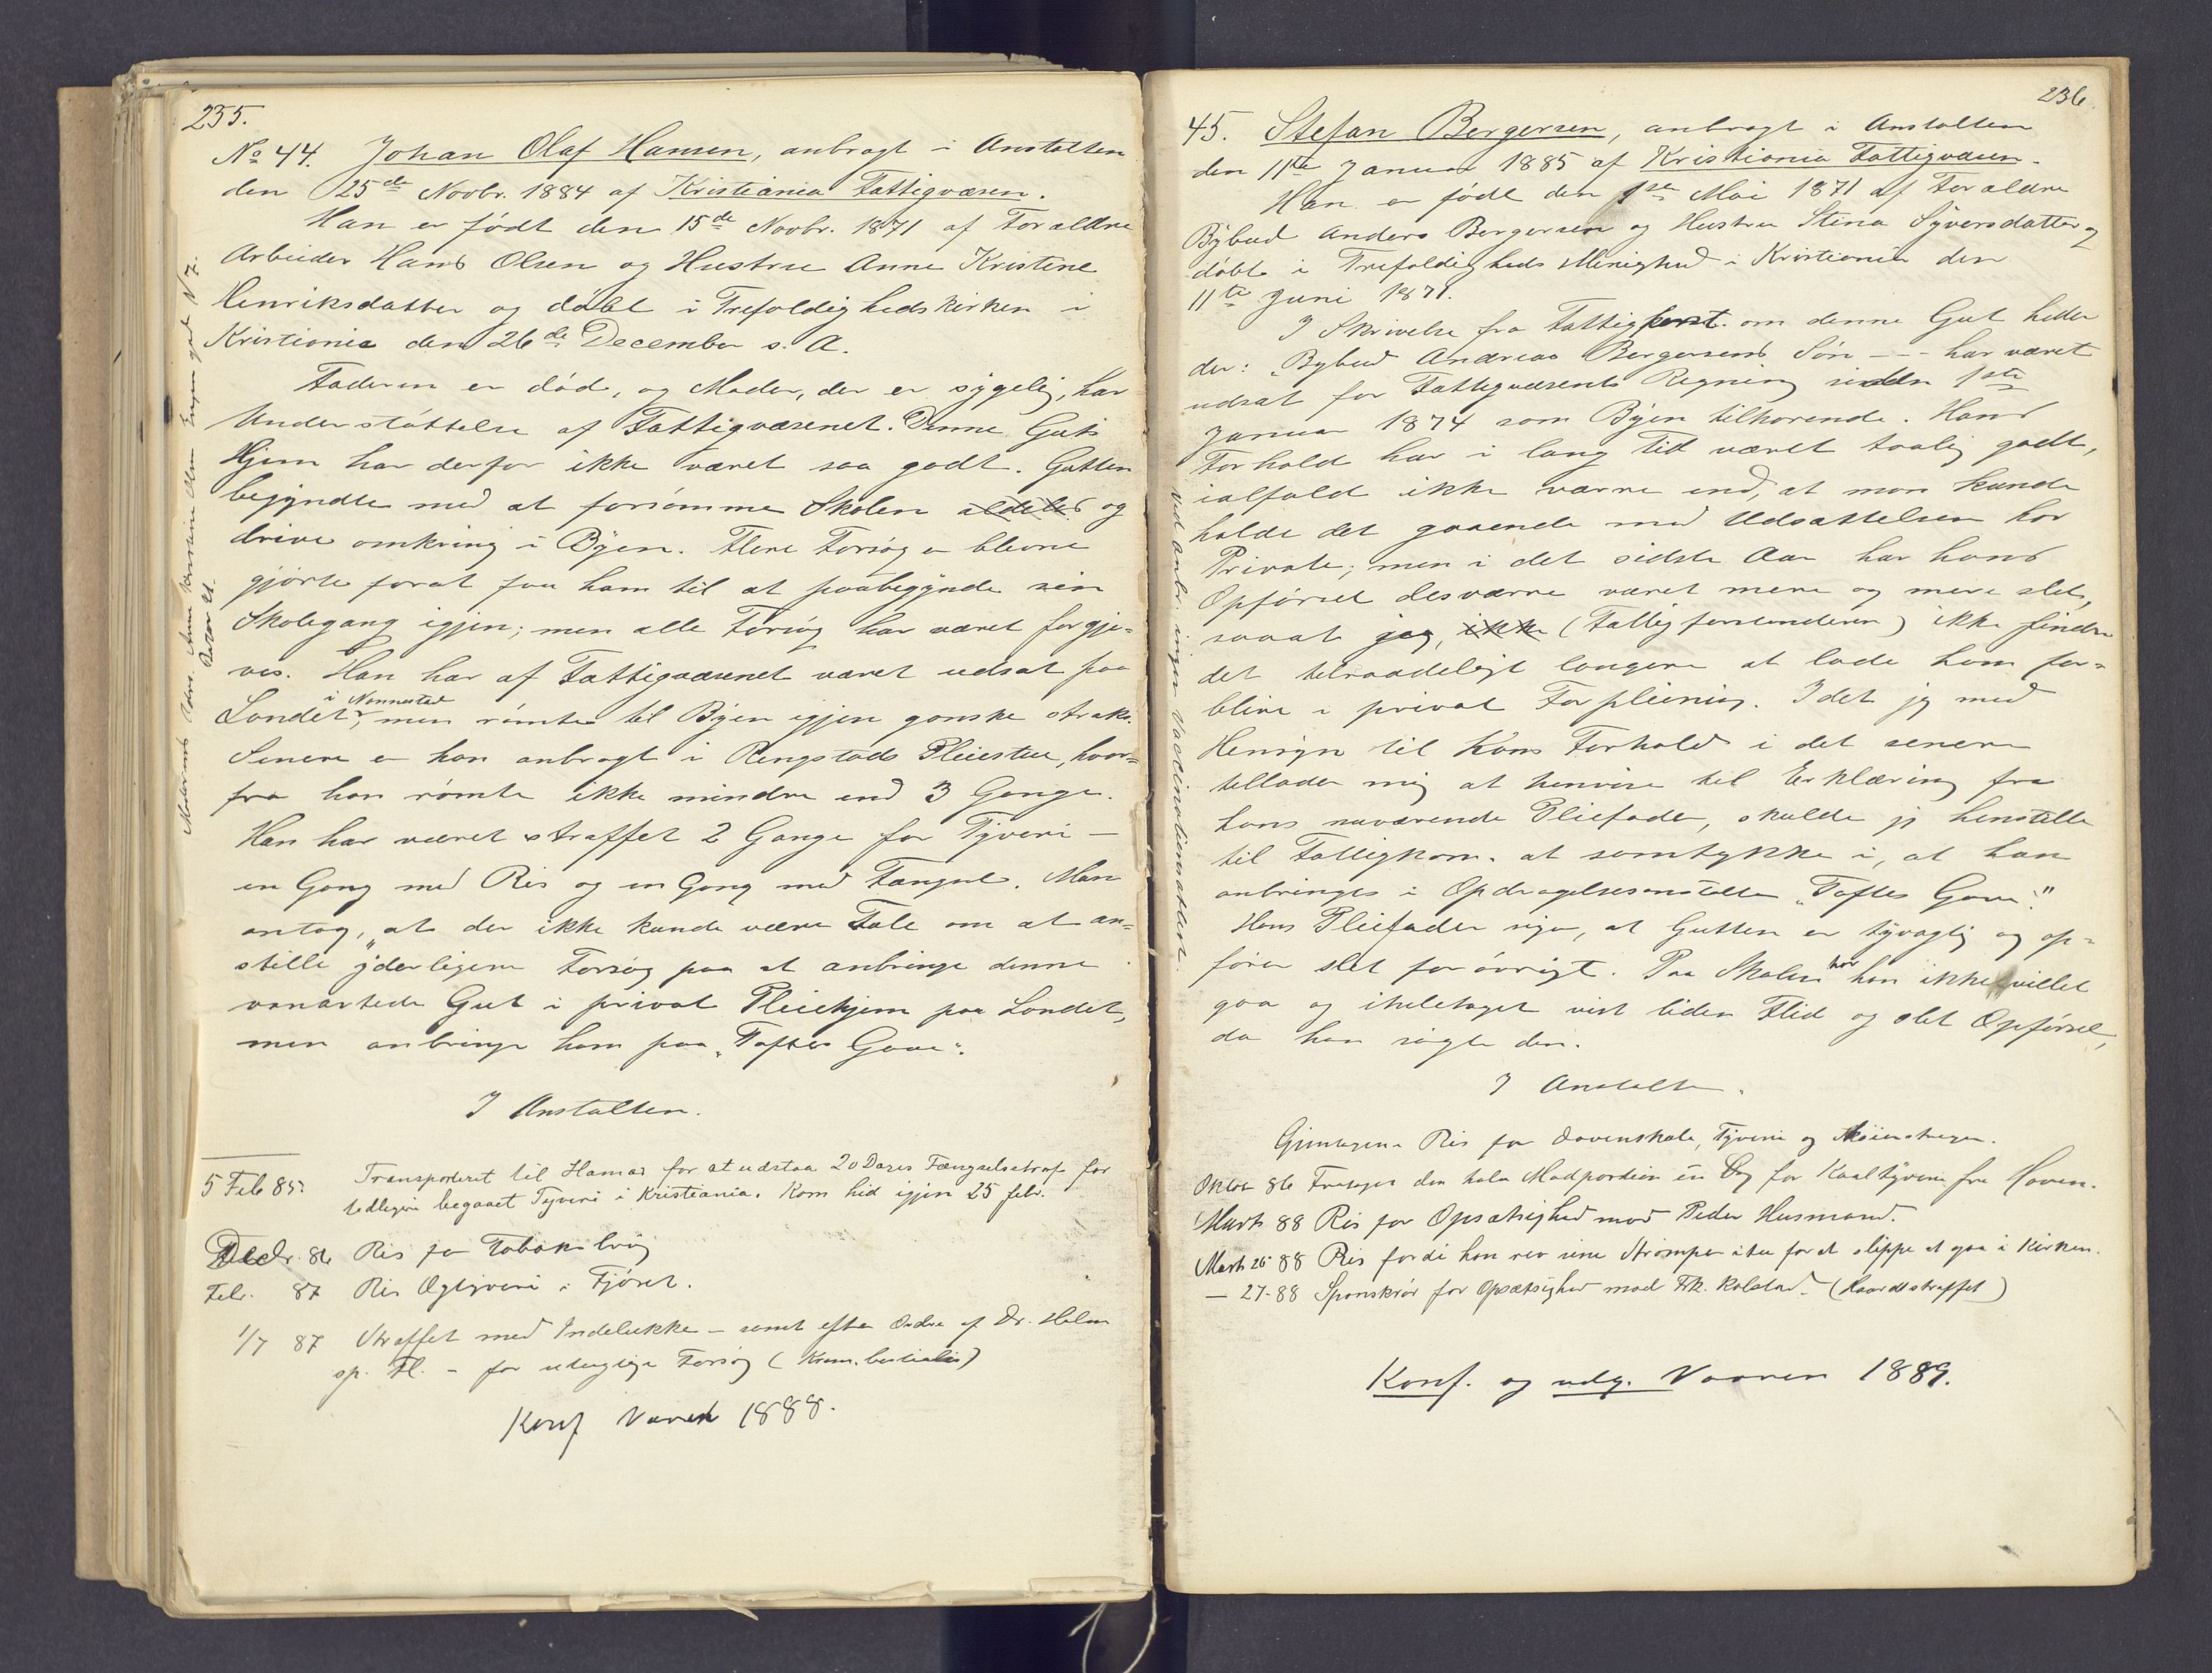 SAH, Toftes Gave, F/Fc/L0002: Elevprotokoll, 1870-1885, s. 235-236